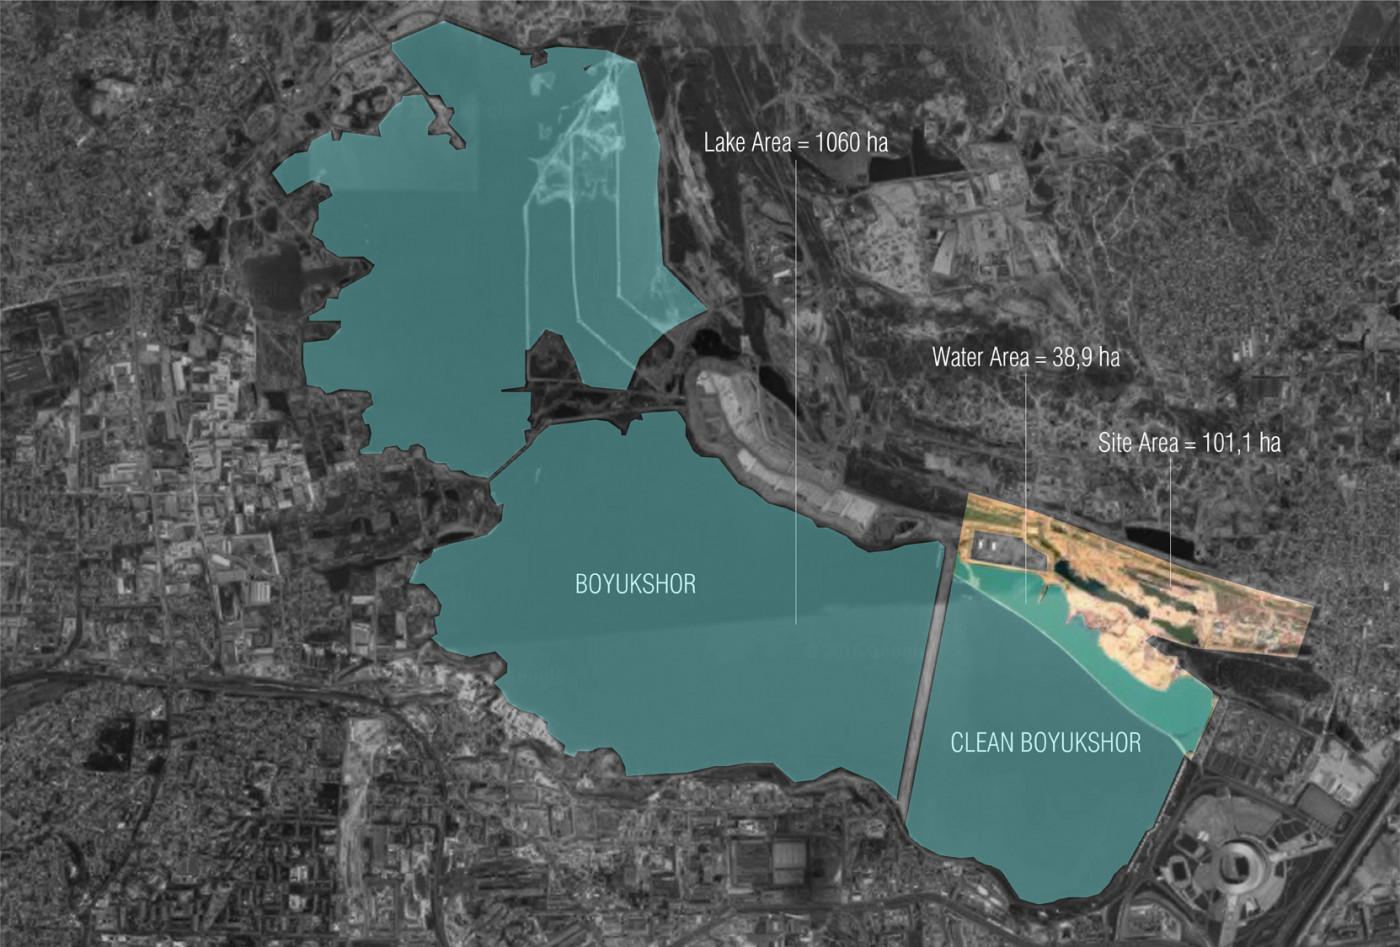 Розташування проектної ділянки на території озера Беюк-Шор / Житловий район на території озера Беюк-Шор